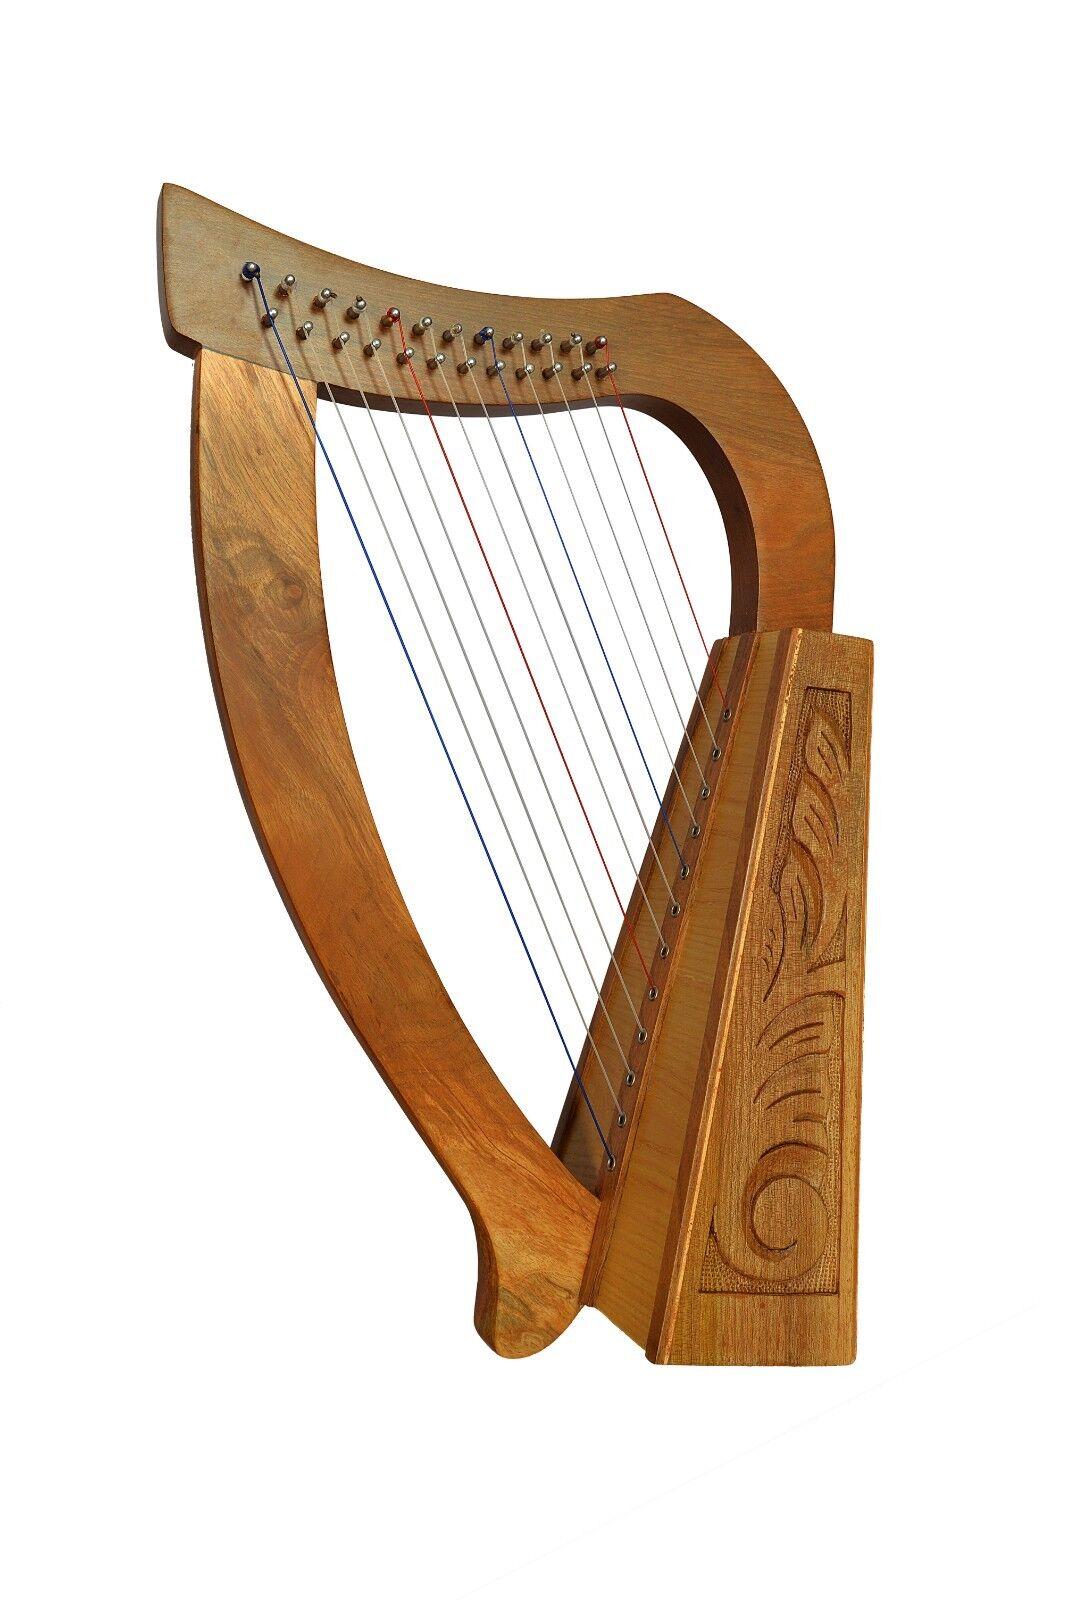 12 Saiten Trinity Walnuss Harfe, 12 Strings Celtic Irish Harp,  Irish lever Harp